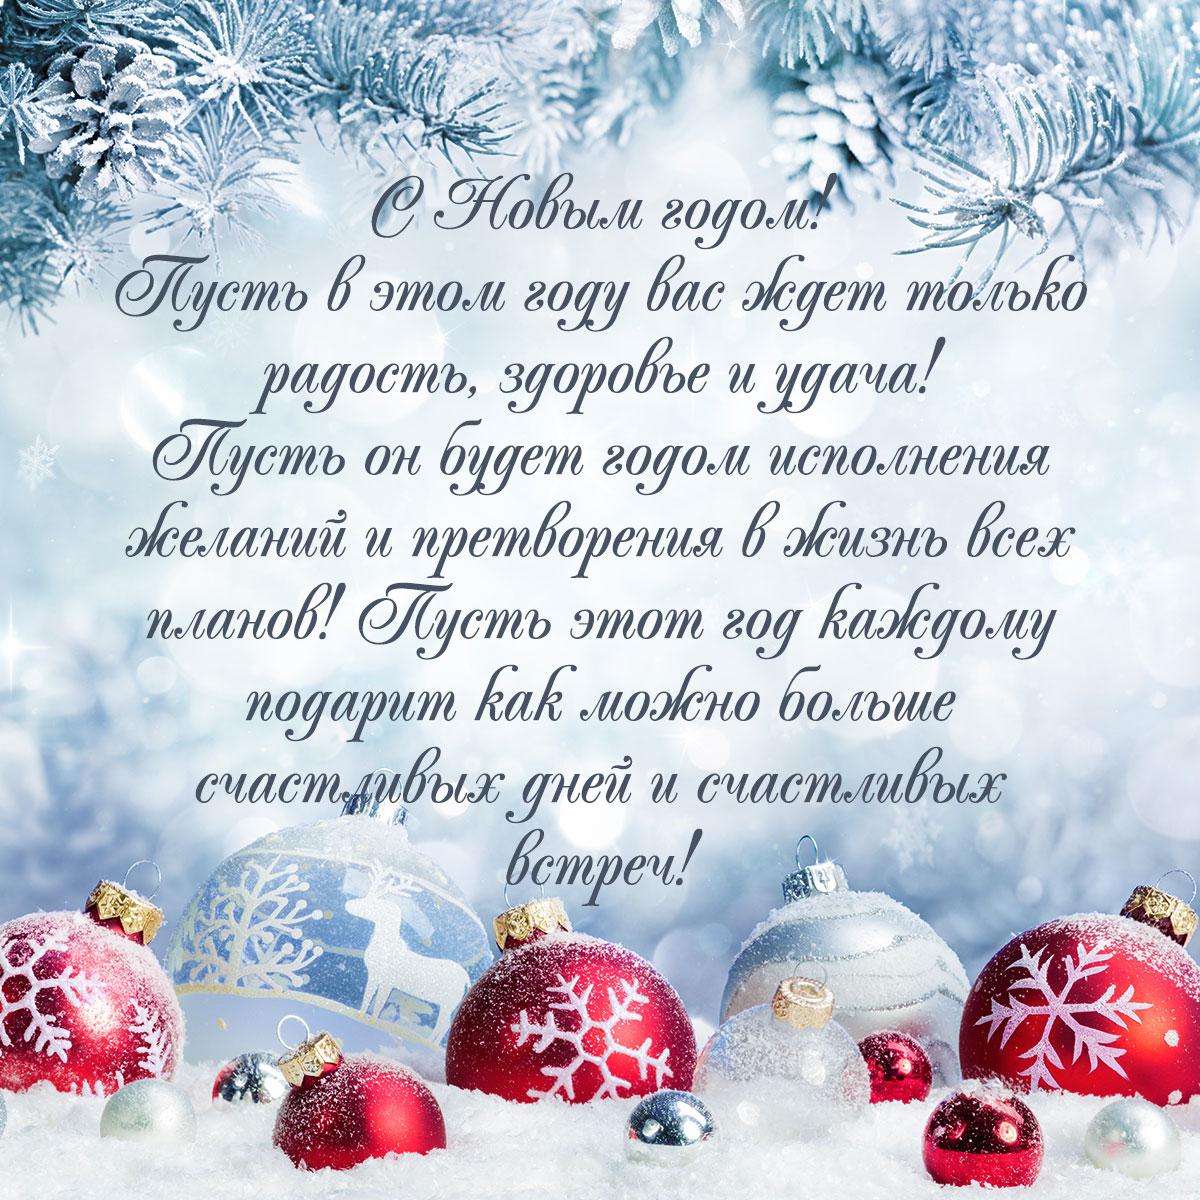 Картинка с каллиграфическим текстом на официальное поздравление с новым годом в прозе на зимнем фоне с ёлочными шарами в снегу.